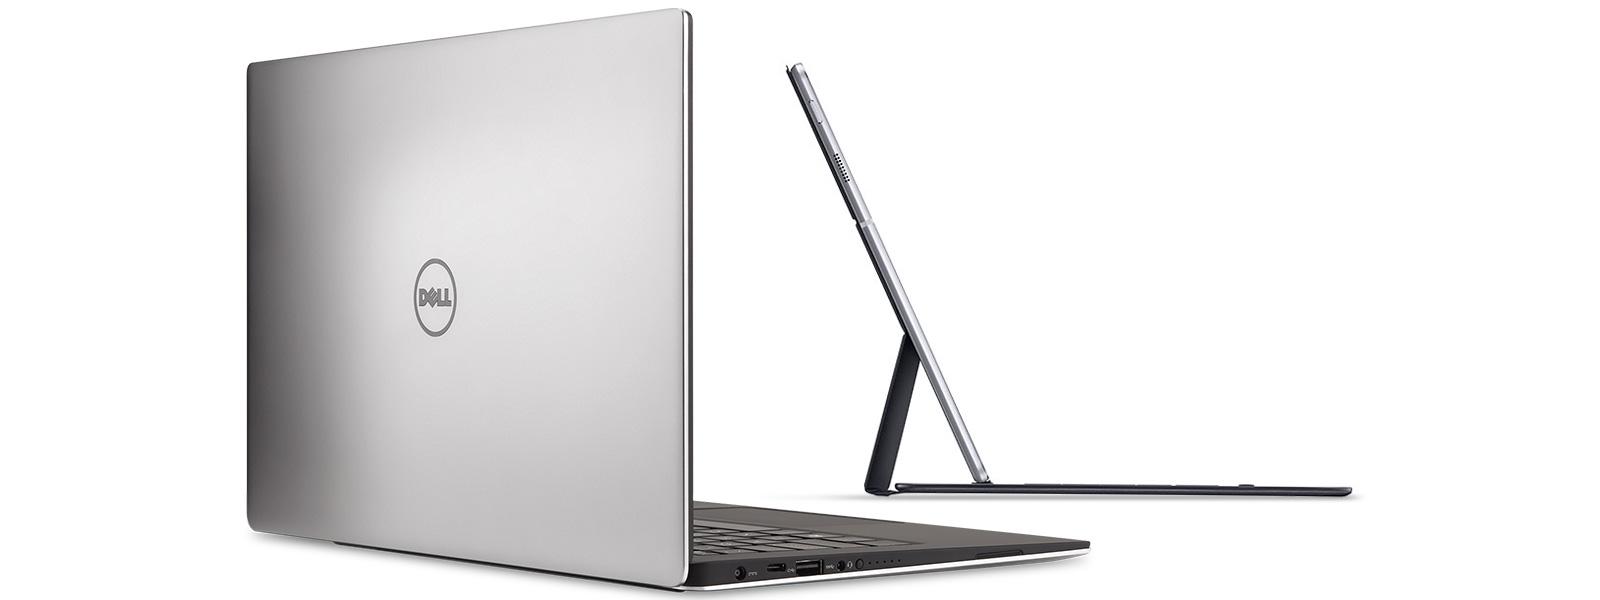 Windows 10 Dell kannettava tietokone